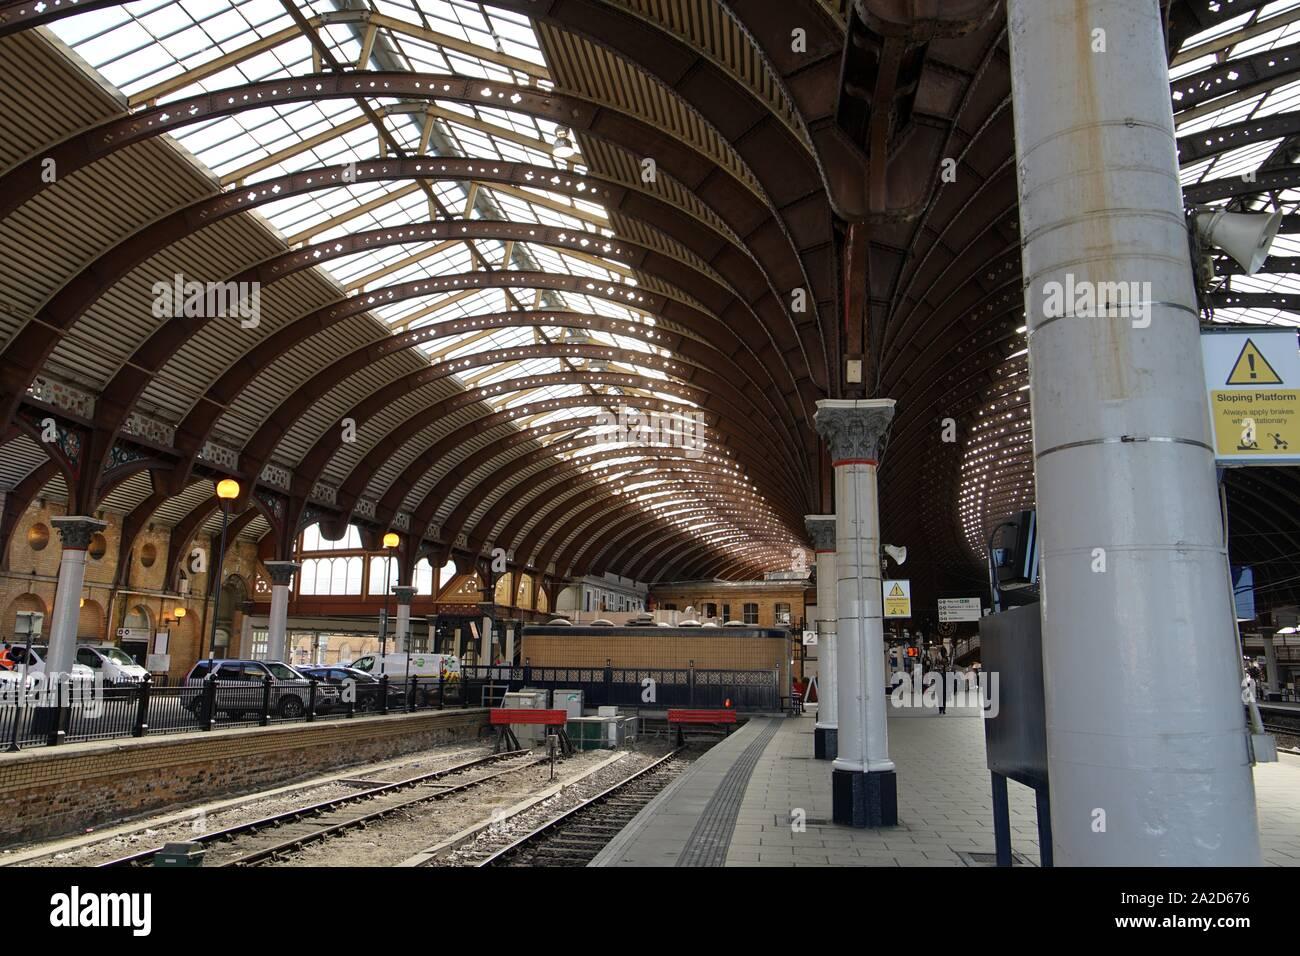 York estación ferroviaria de techo de hierro forjado con arcos y columnas de soporte de hierro fundido a la vuelta de la curva en las plataformas de la estación de York, Yorkshire, Inglaterra Foto de stock